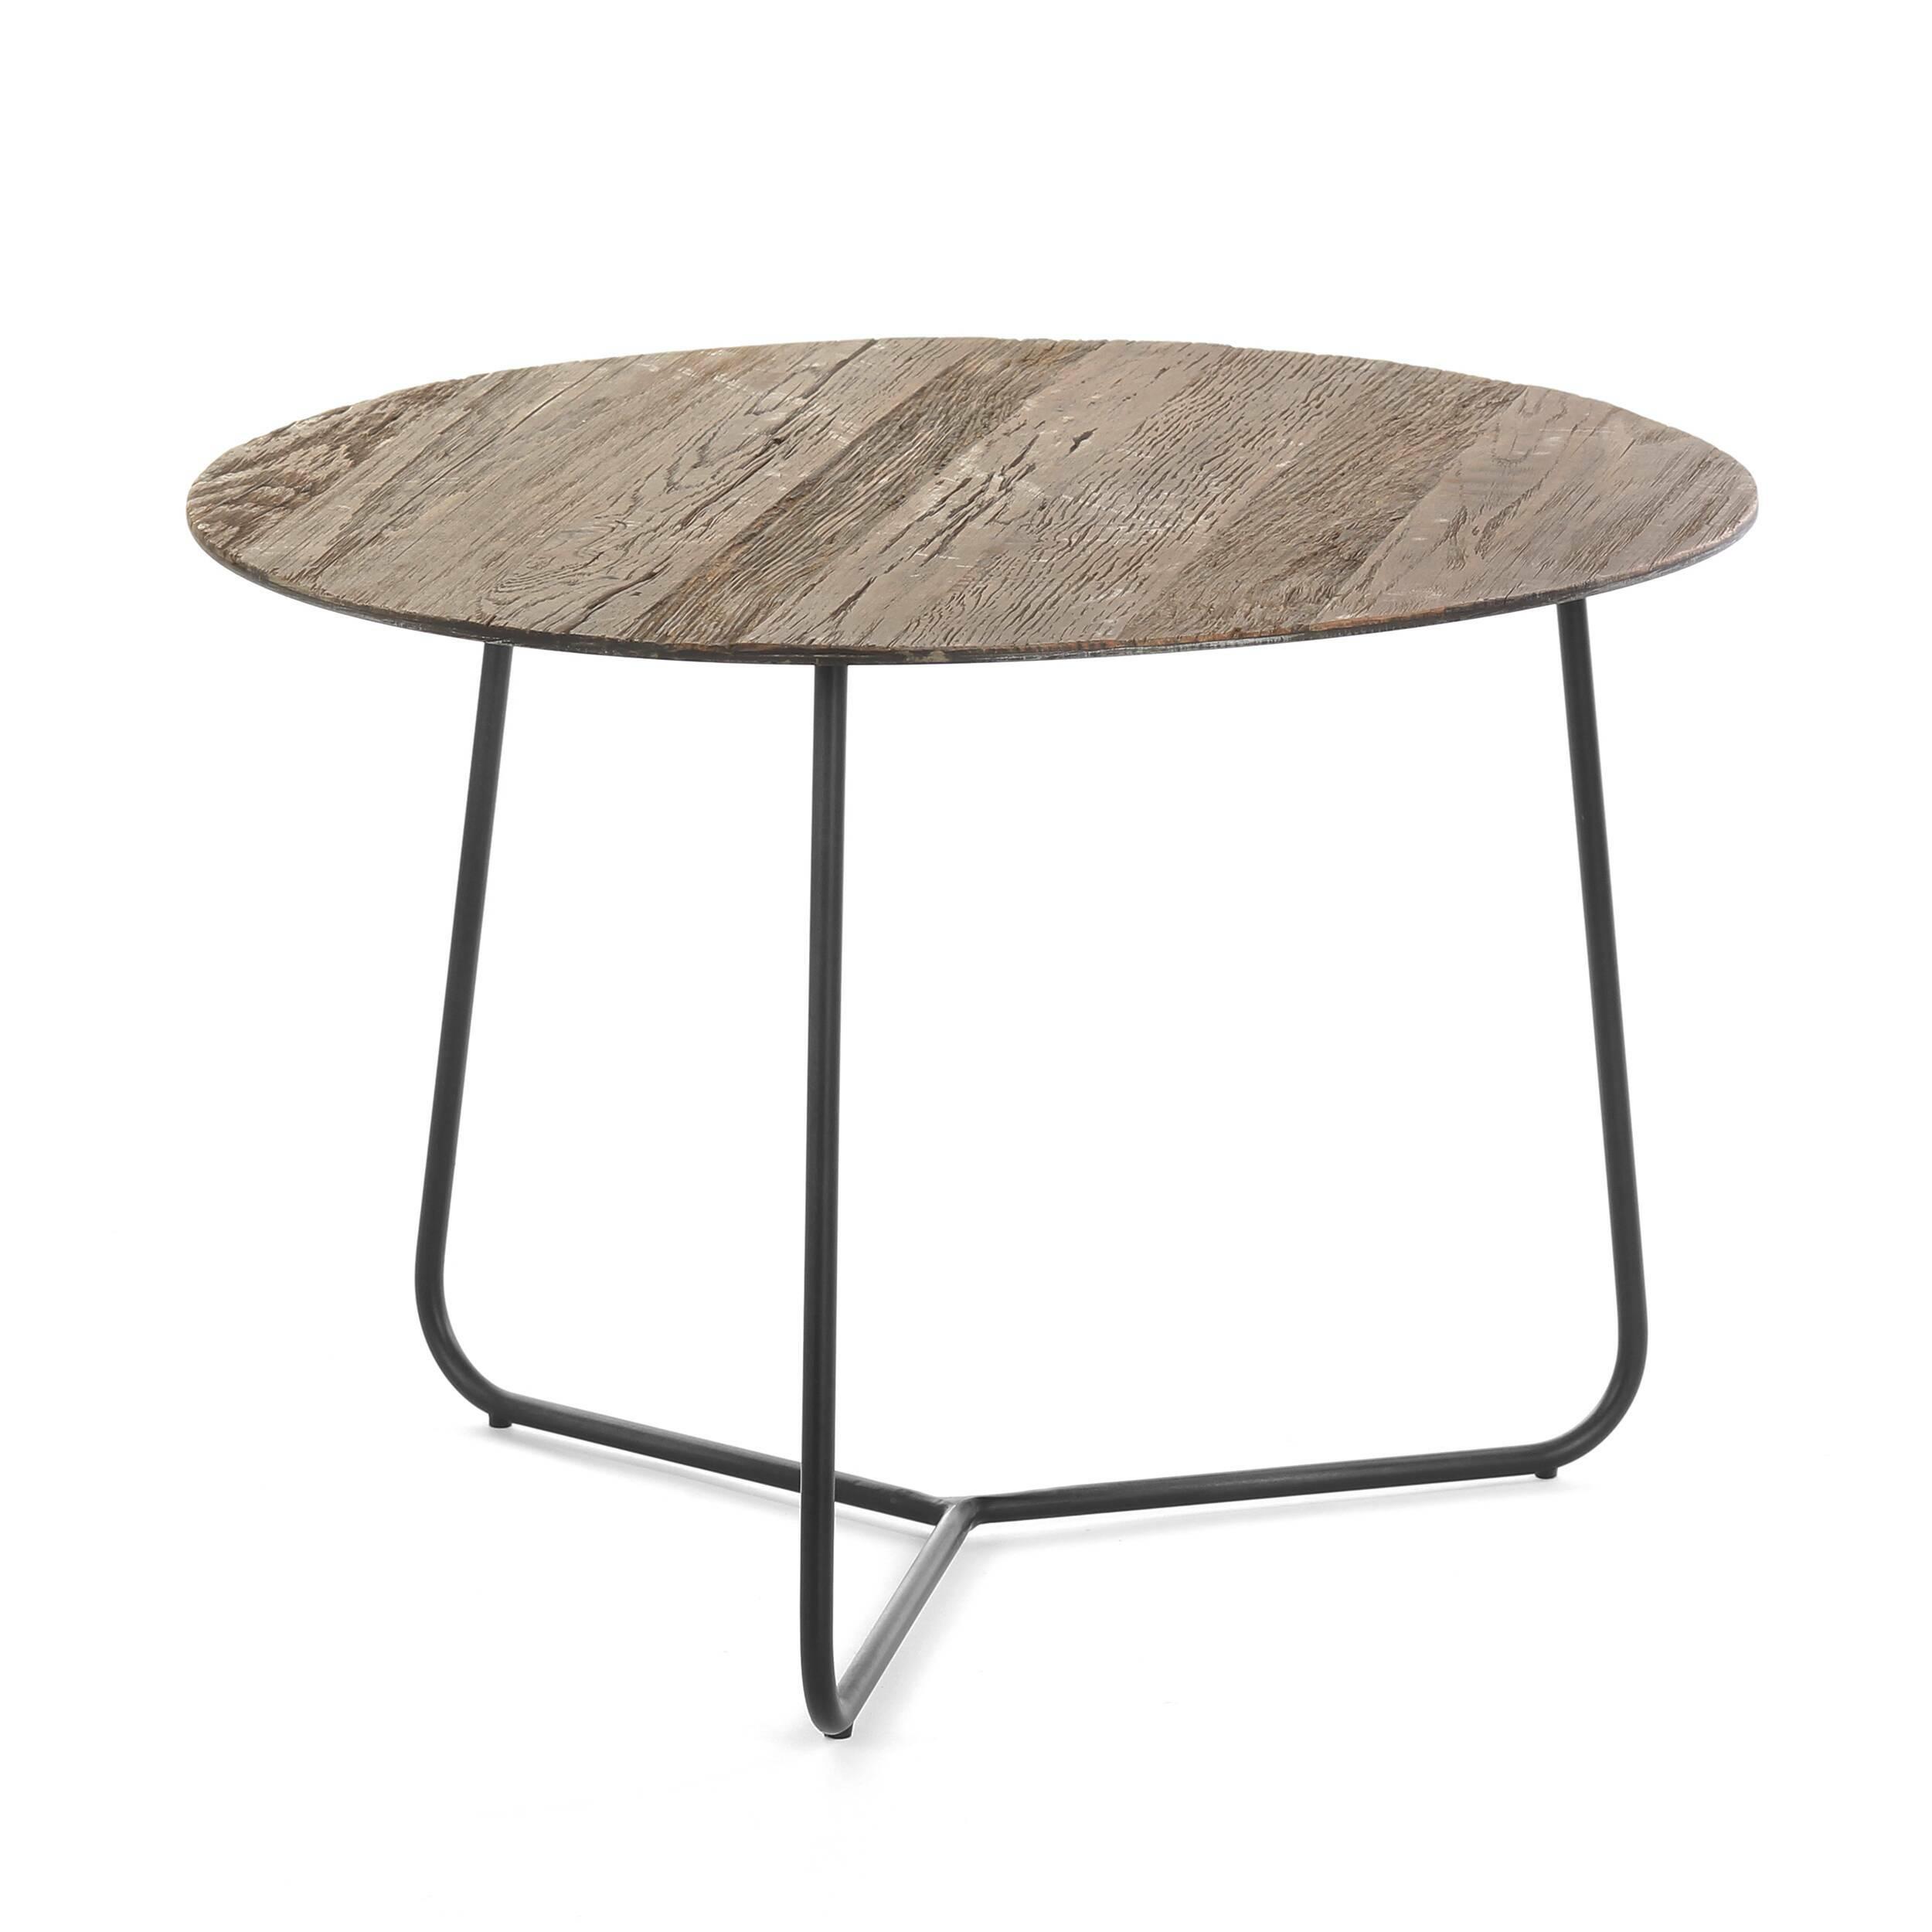 Кофейный стол March диаметр 45Кофейные столики<br>Минималистичный дизайнерский кофейный стол March диаметр 45 – это замечательный способ привнести в домашний интерьер новые формы и интересный стиль. Округлые линии стола будут гармонично и привлекательно смотреться в уютной домашней обстановке и легко вольются в общий мебельный ансамбль помещения.<br><br><br> Простой с виду стол удивит вас своей надежностью и прочностью – все это благодаря правильно подобранным материалам, из которых его изготавливают мастера. Дубовый массив считается одной из...<br><br>stock: 8<br>Высота: 44<br>Диаметр: 45<br>Цвет ножек: Черный<br>Материал столешницы: Массив дуба<br>Тип материала столешницы: Дерево<br>Тип материала ножек: Сталь